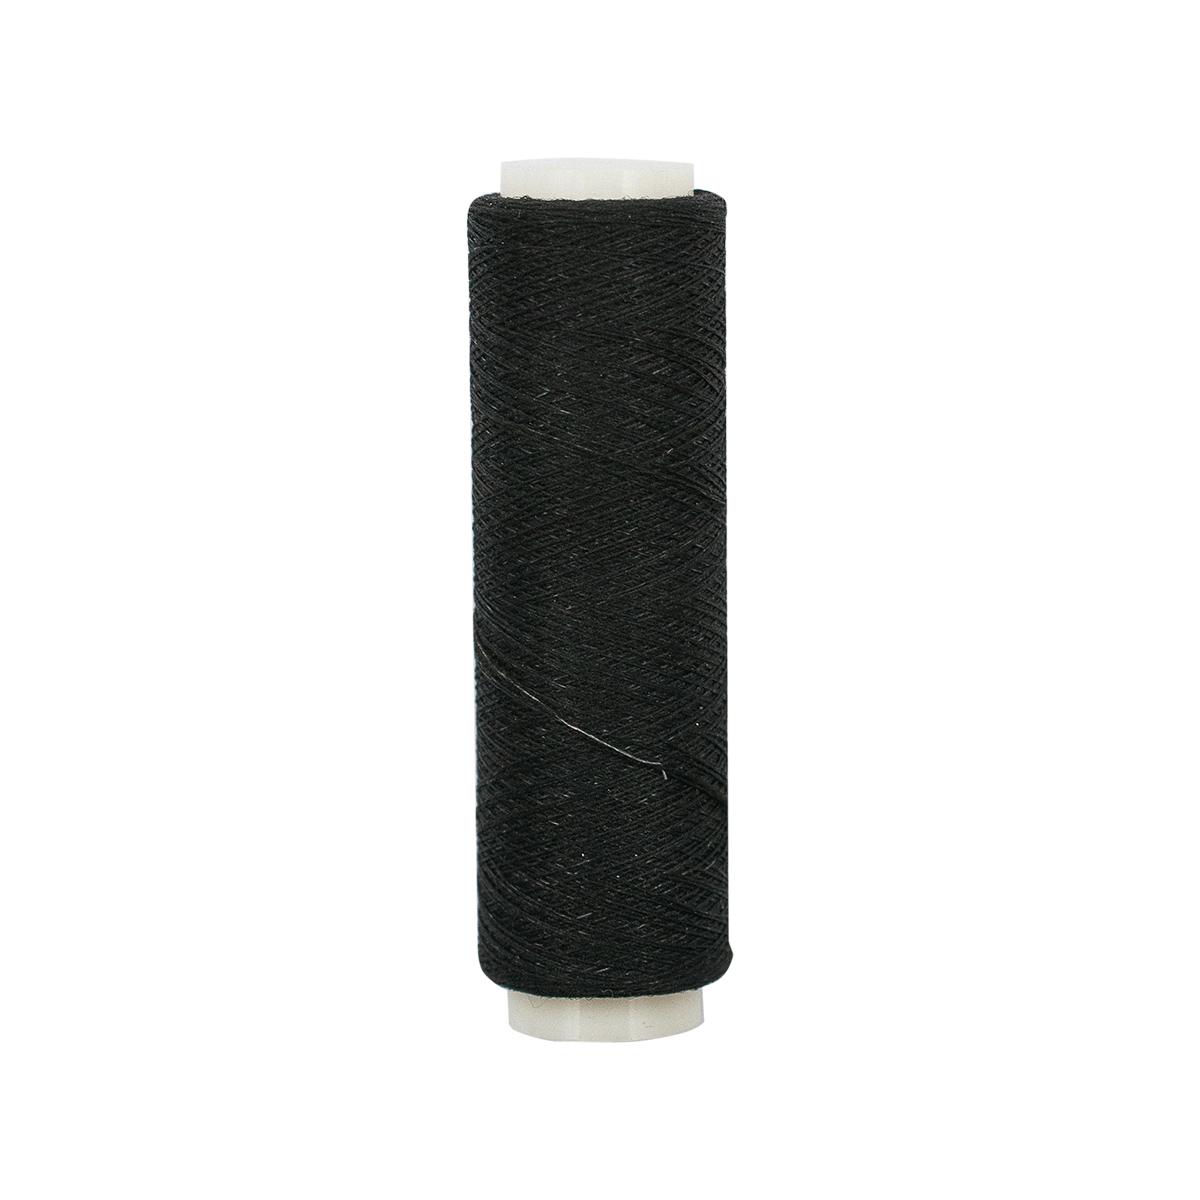 52402 Нить эластичная 200 м, черная PONY